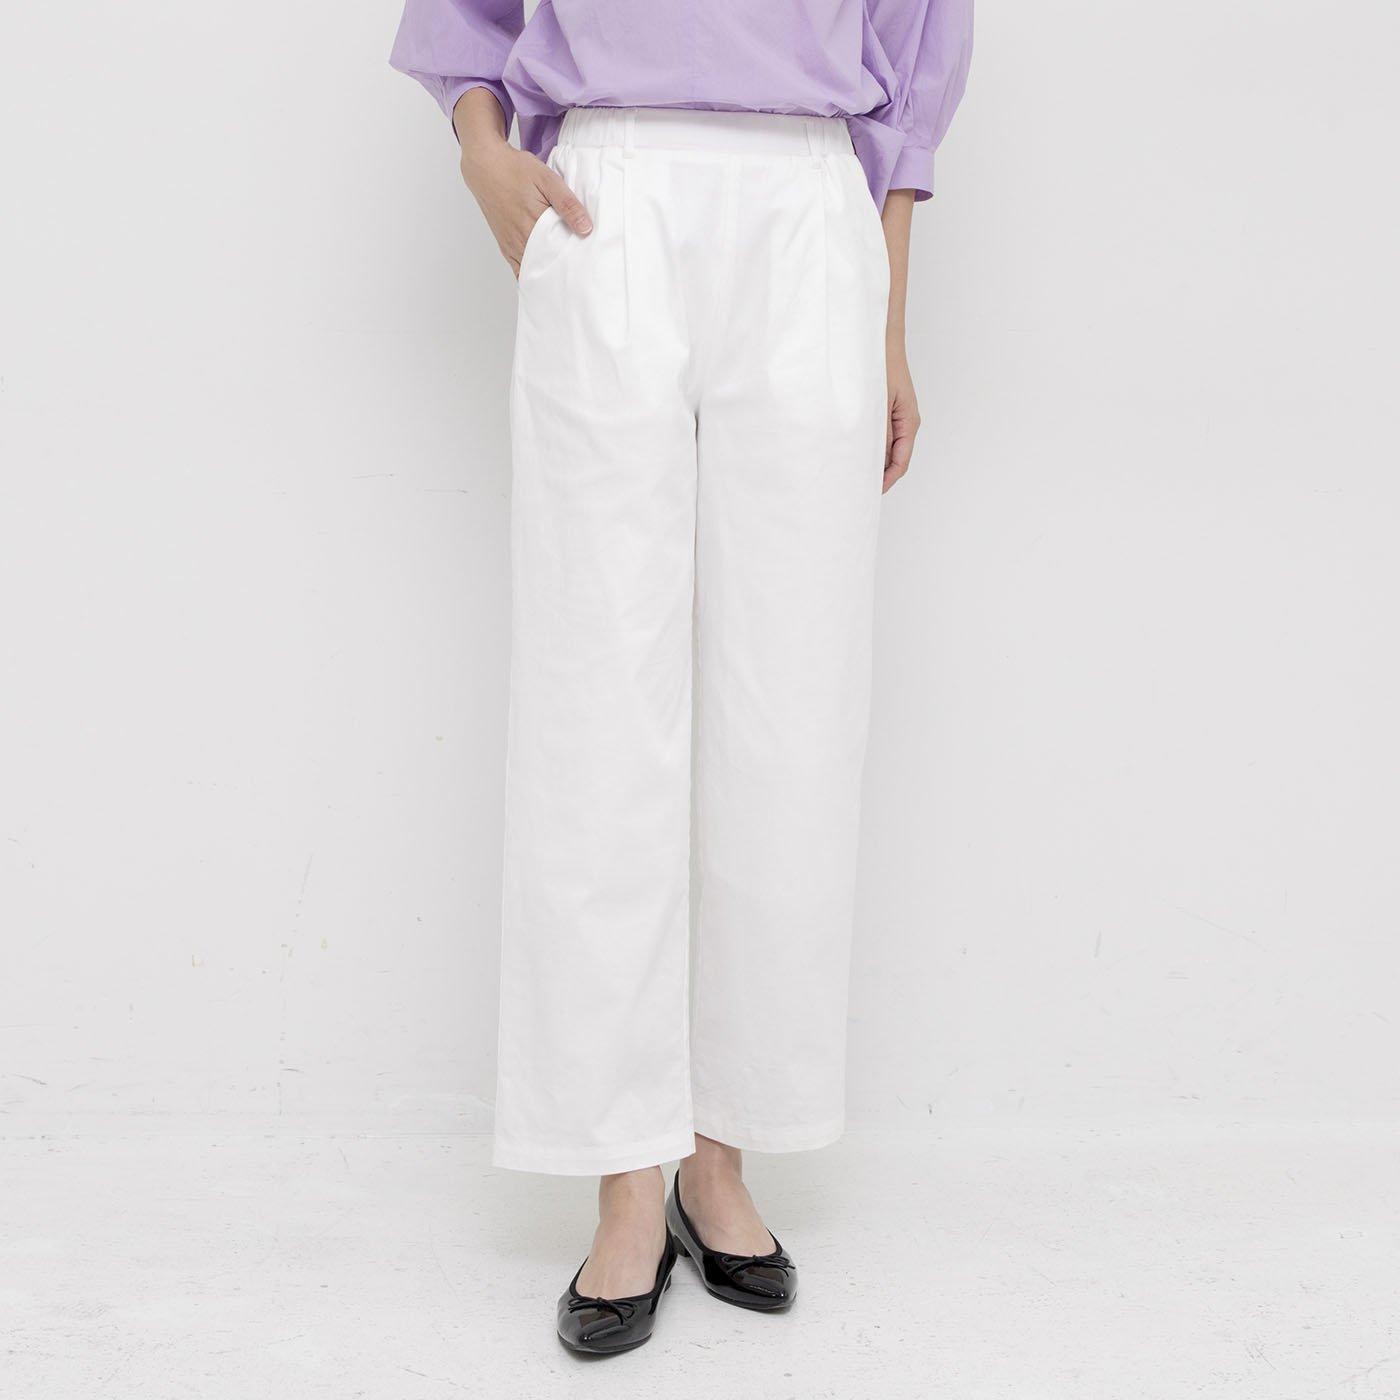 フラウグラット 裏地付きで透けにくい シルエットをほどよく隠す 満足ホワイトパンツ